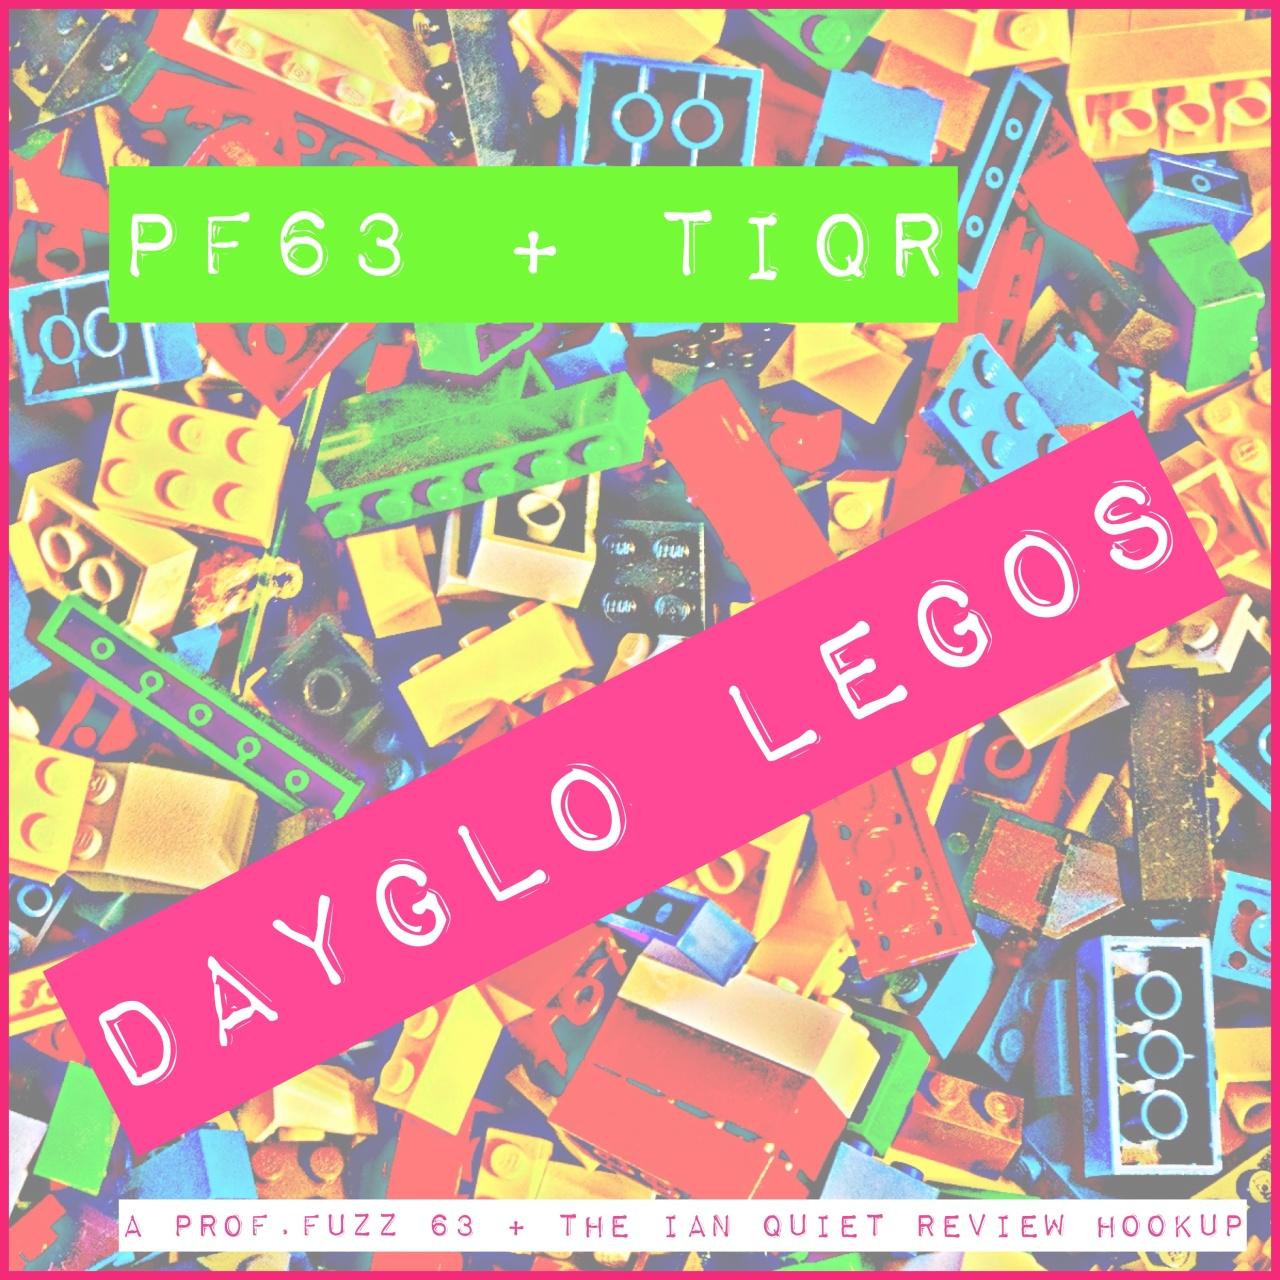 dayglo legos cover